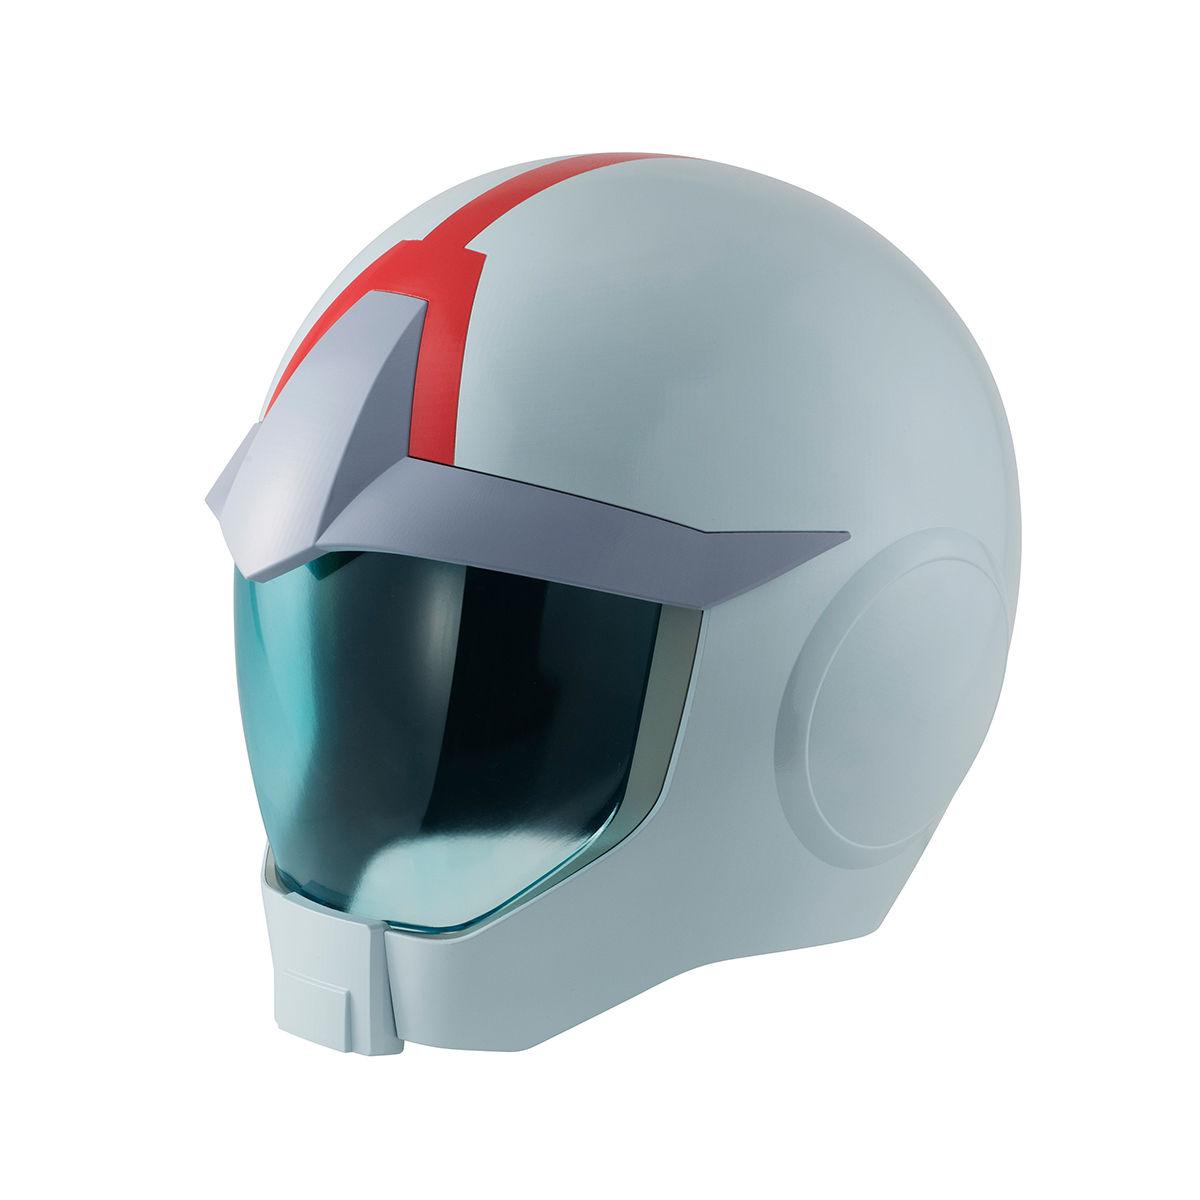 【限定販売】Full Scale Works『地球連邦軍ノーマルスーツ専用ヘルメット』機動戦士ガンダム ディスプレイモデル-003